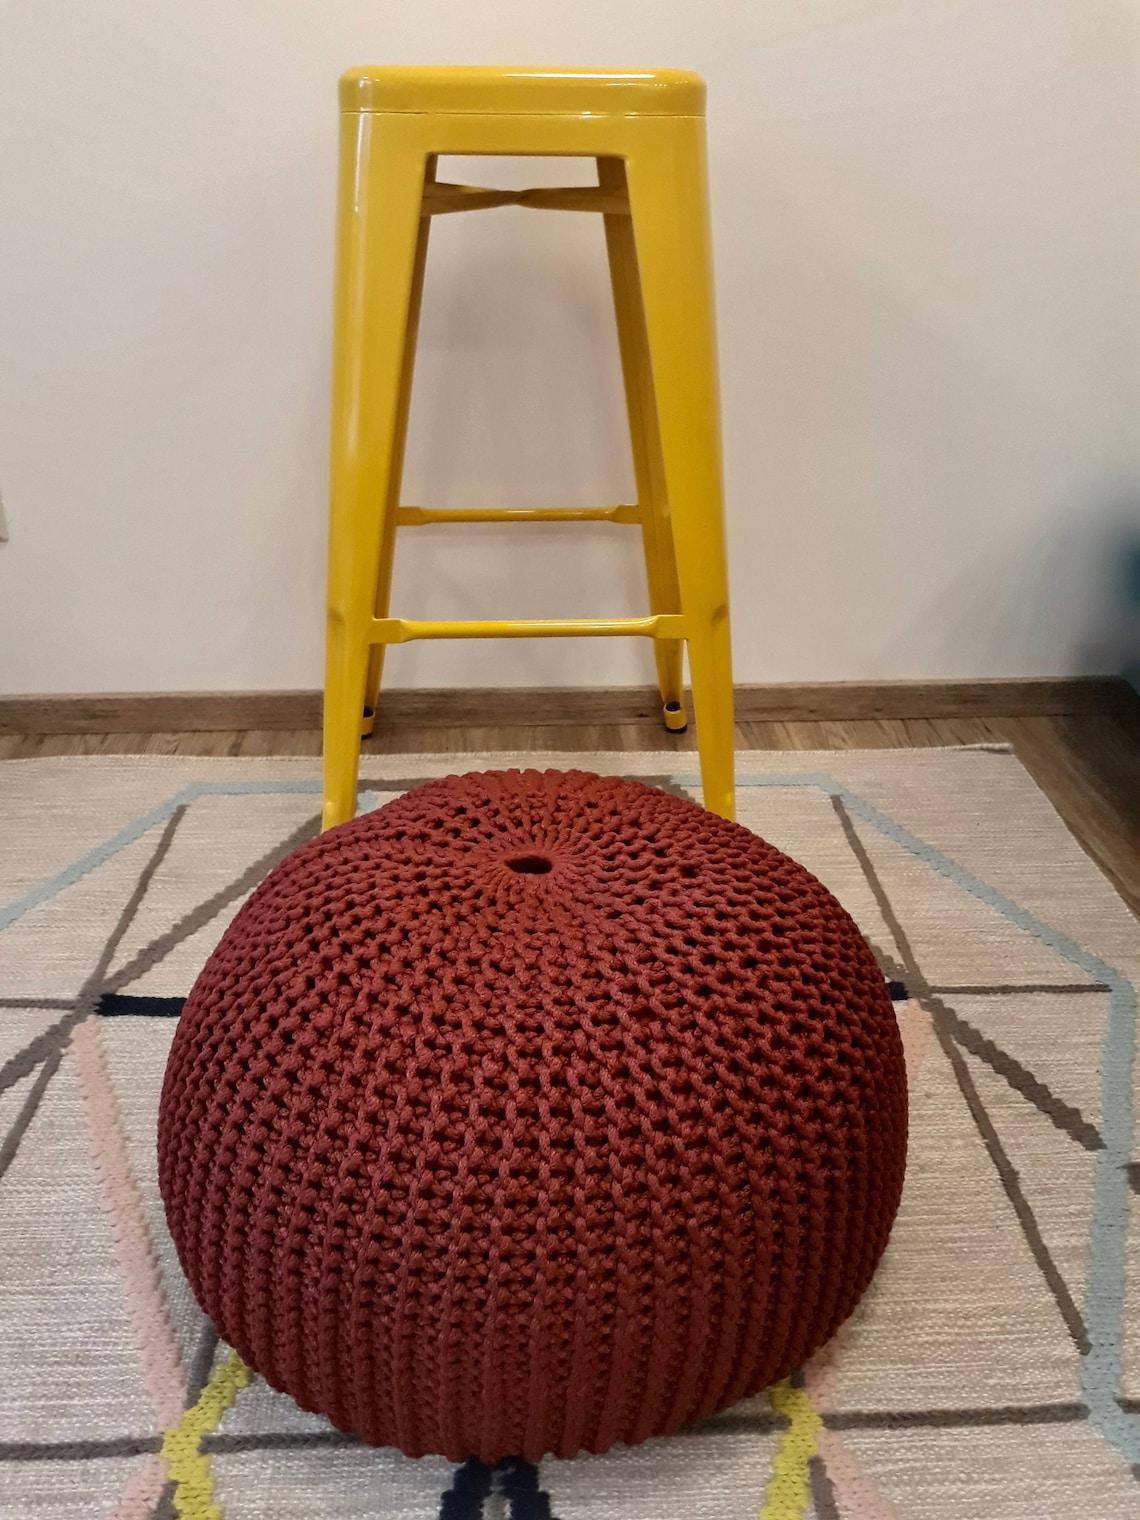 Hand knitted pouf / crochet pouf / ottoman / floor pillow /bean bag